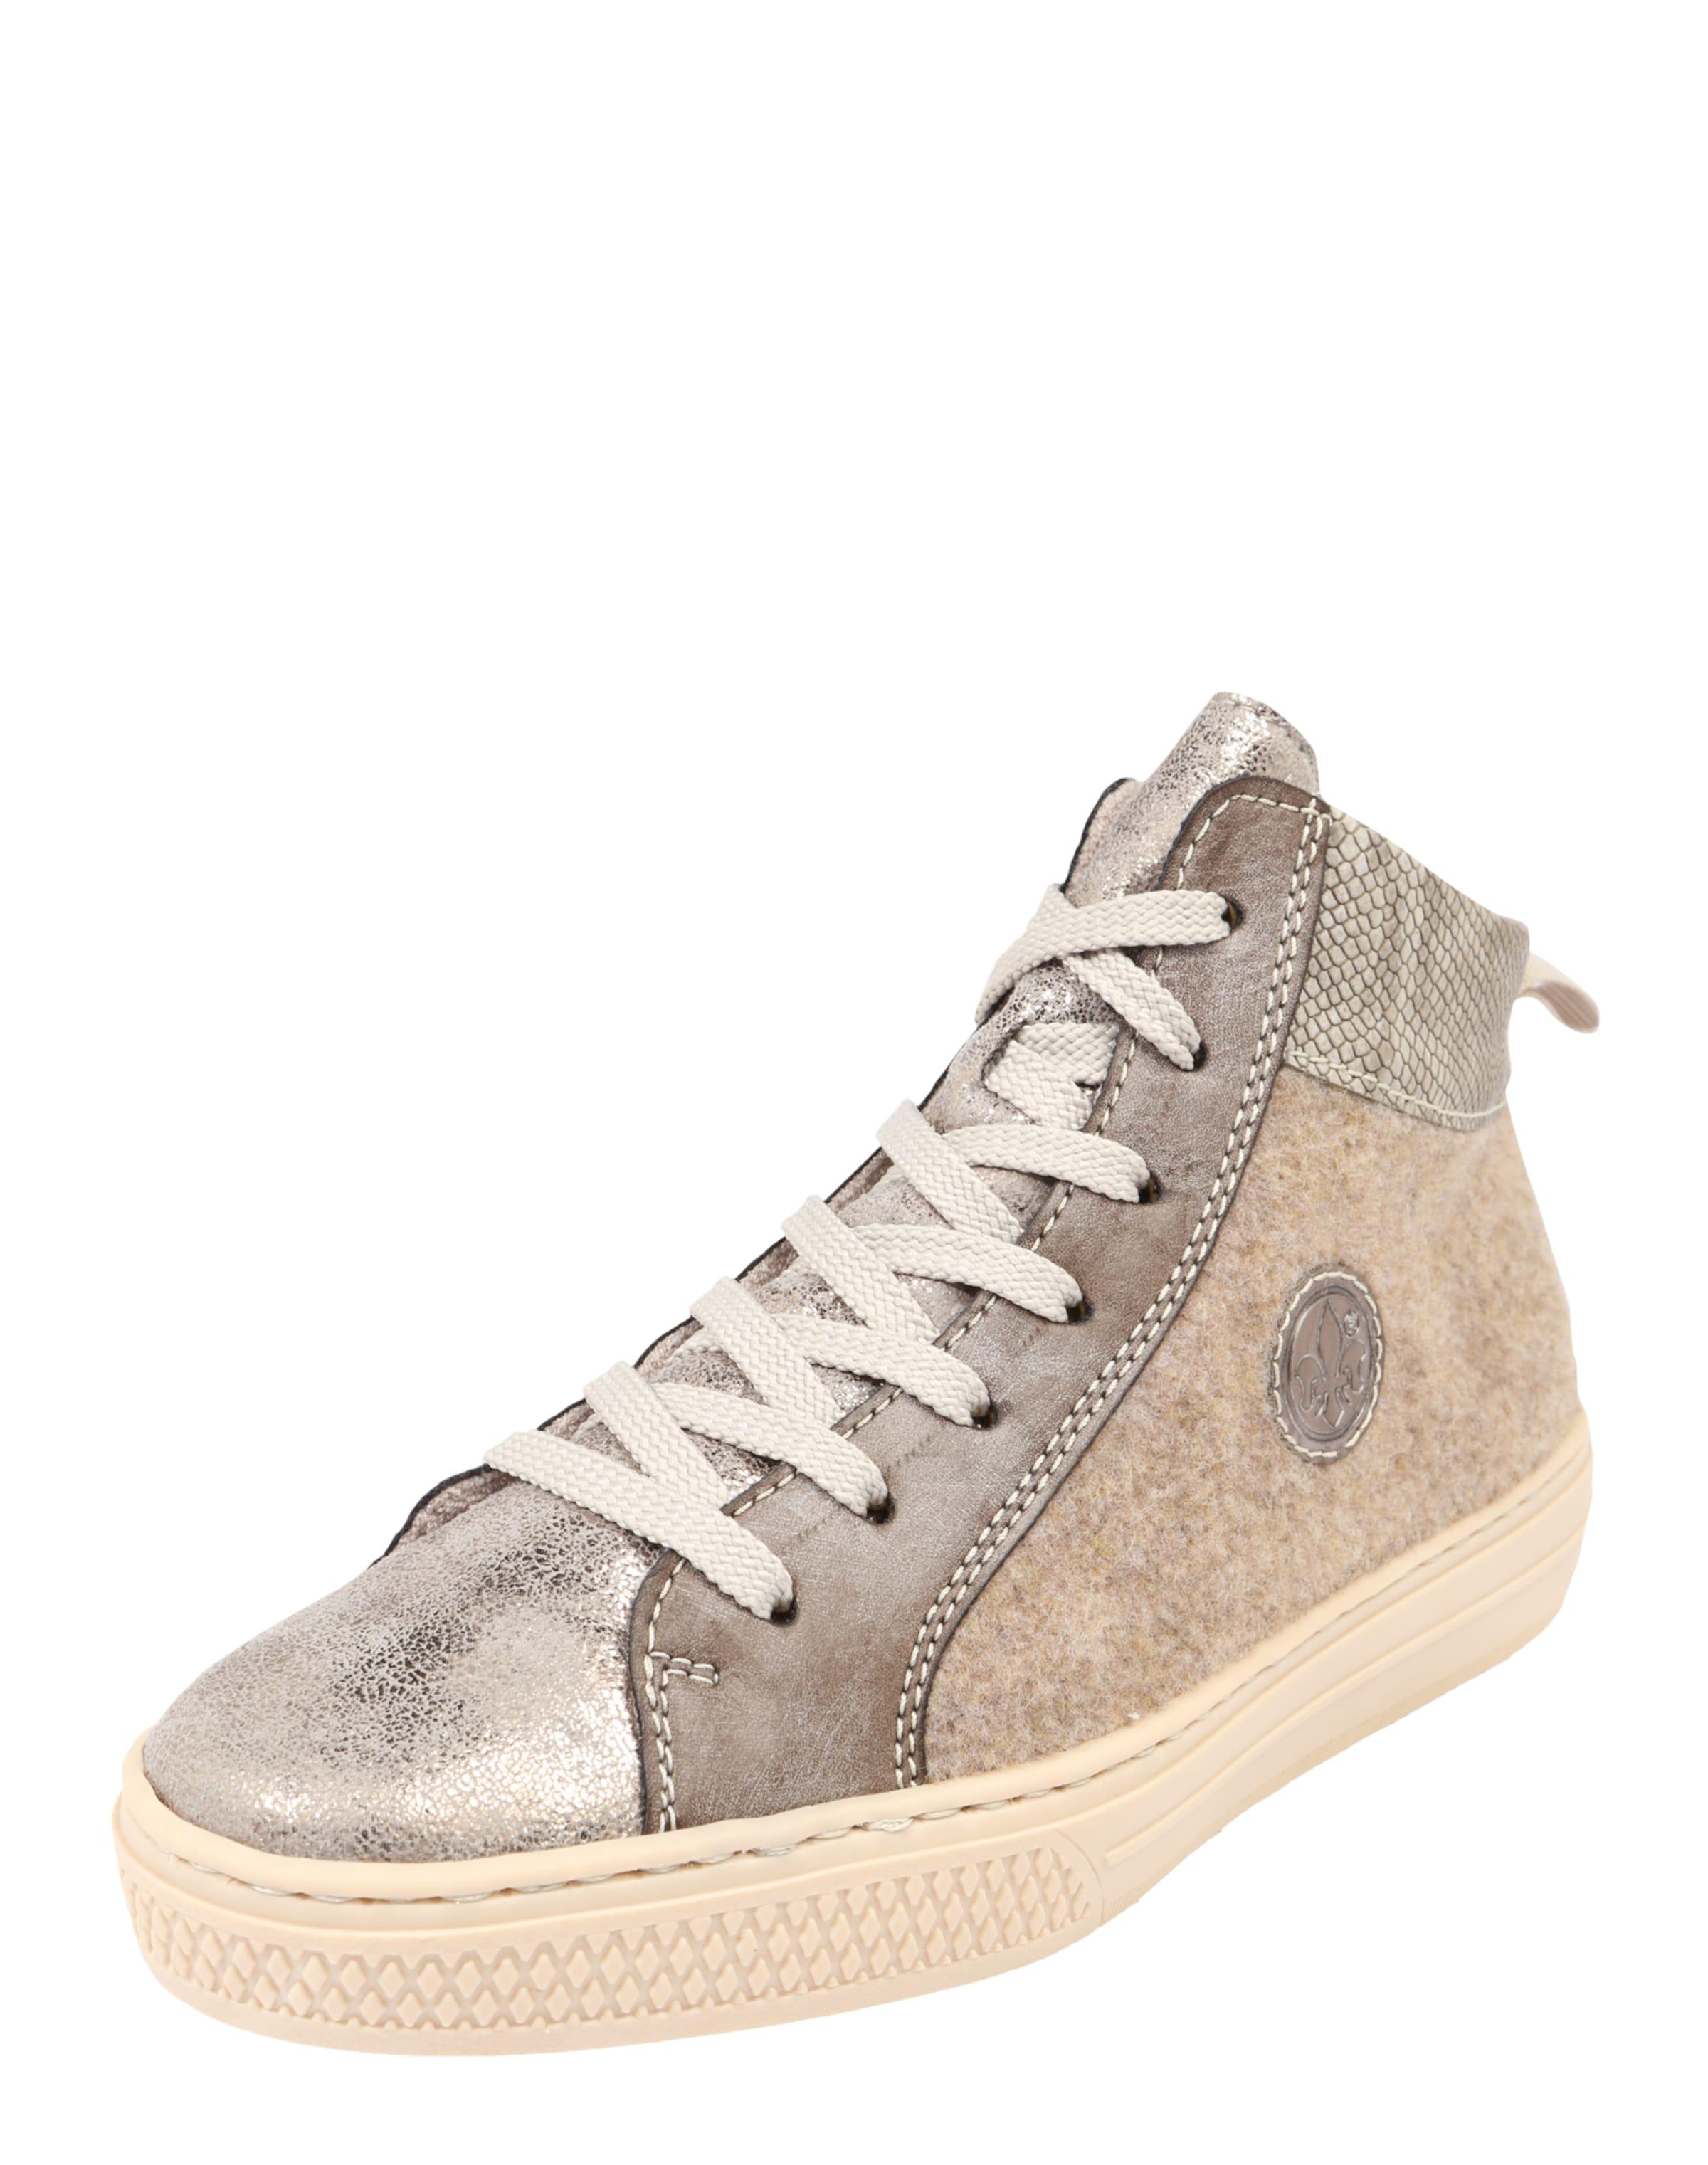 RIEKER Sneaker High mit Glitzerdetails